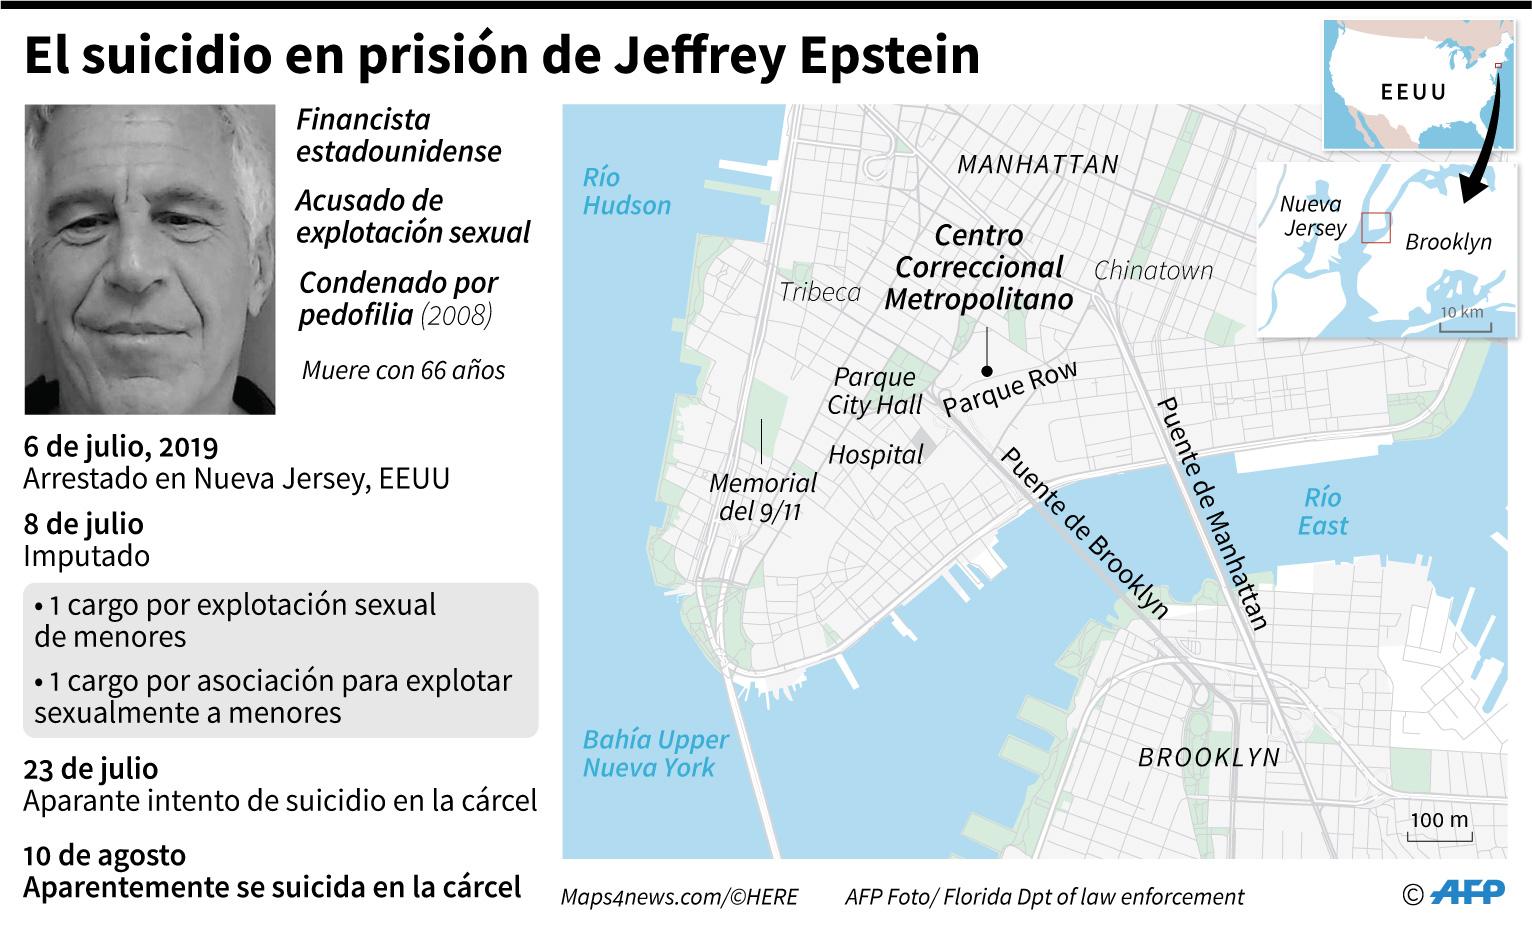 Mapa de Manhattan y perfil del millonario estadounidense Jeffrey Epstein, muerto en la cárcel por aparente suicidio y acusado de explotación de menores (AFP)